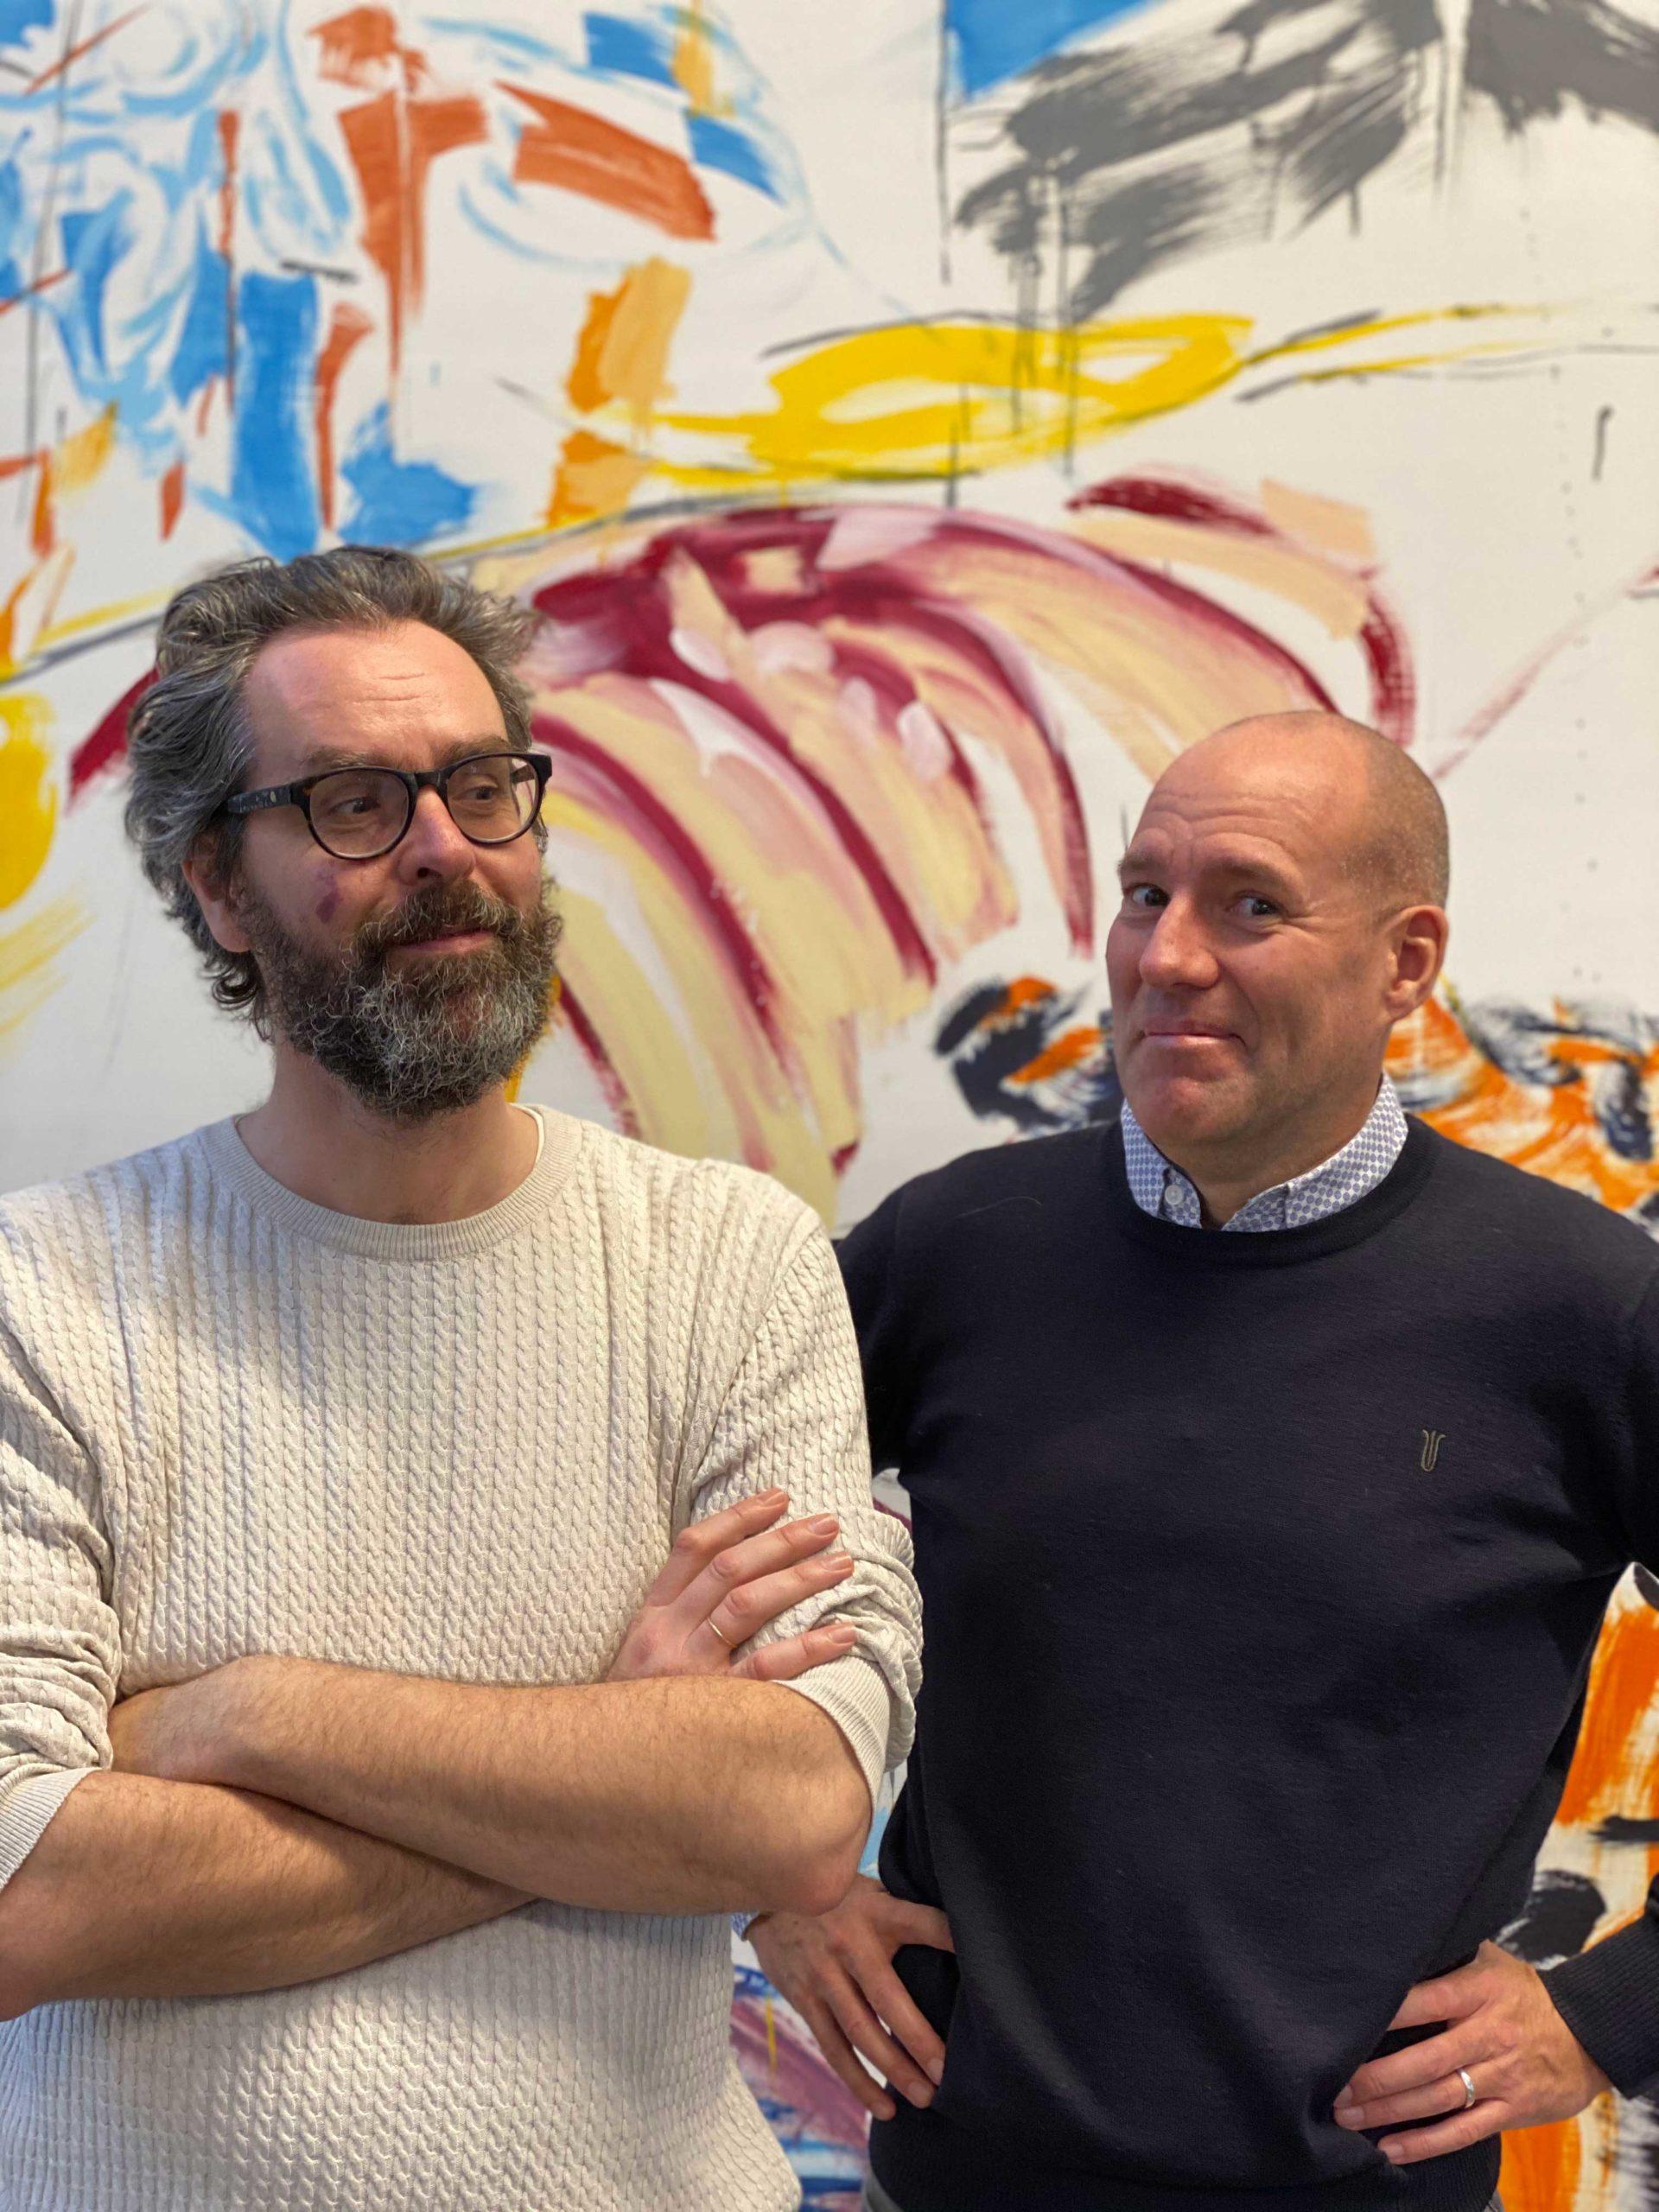 Portrætbillede af Christian og Anders fra Den Grønne Rejse